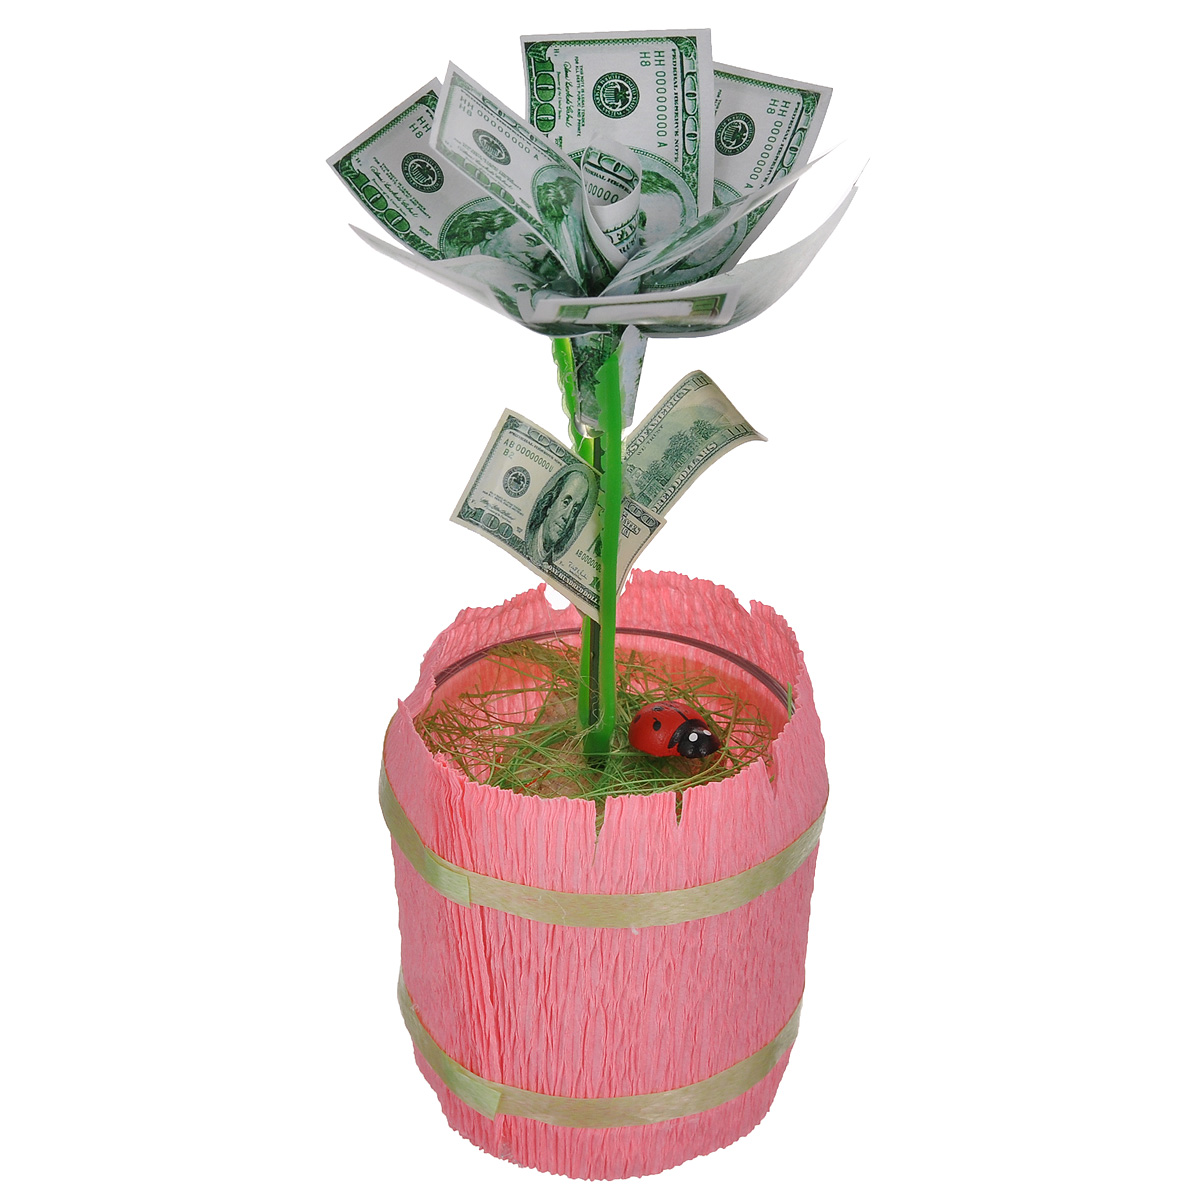 Денежный цветок Расцвет бизнеса. Доллары, цвет: розовый, зеленый, белыйБрелок для ключейНастольная композиция Расцвет бизнеса. Доллары выполнена в виде симпатичного денежного цветка. На пластиковый стебель цветка насажены миниатюрные купюры достоинством в 100 долларов. Цветок закреплен в стеклянном стакане-горшочке, оформленном гофрированной бумагой. У основания цветка расположена забавная божья коровка.Такой симпатичный денежный цветок будет отличным подарком к любому случаю! Высота цветка: 14 см. Диаметр цветка: 6 см.